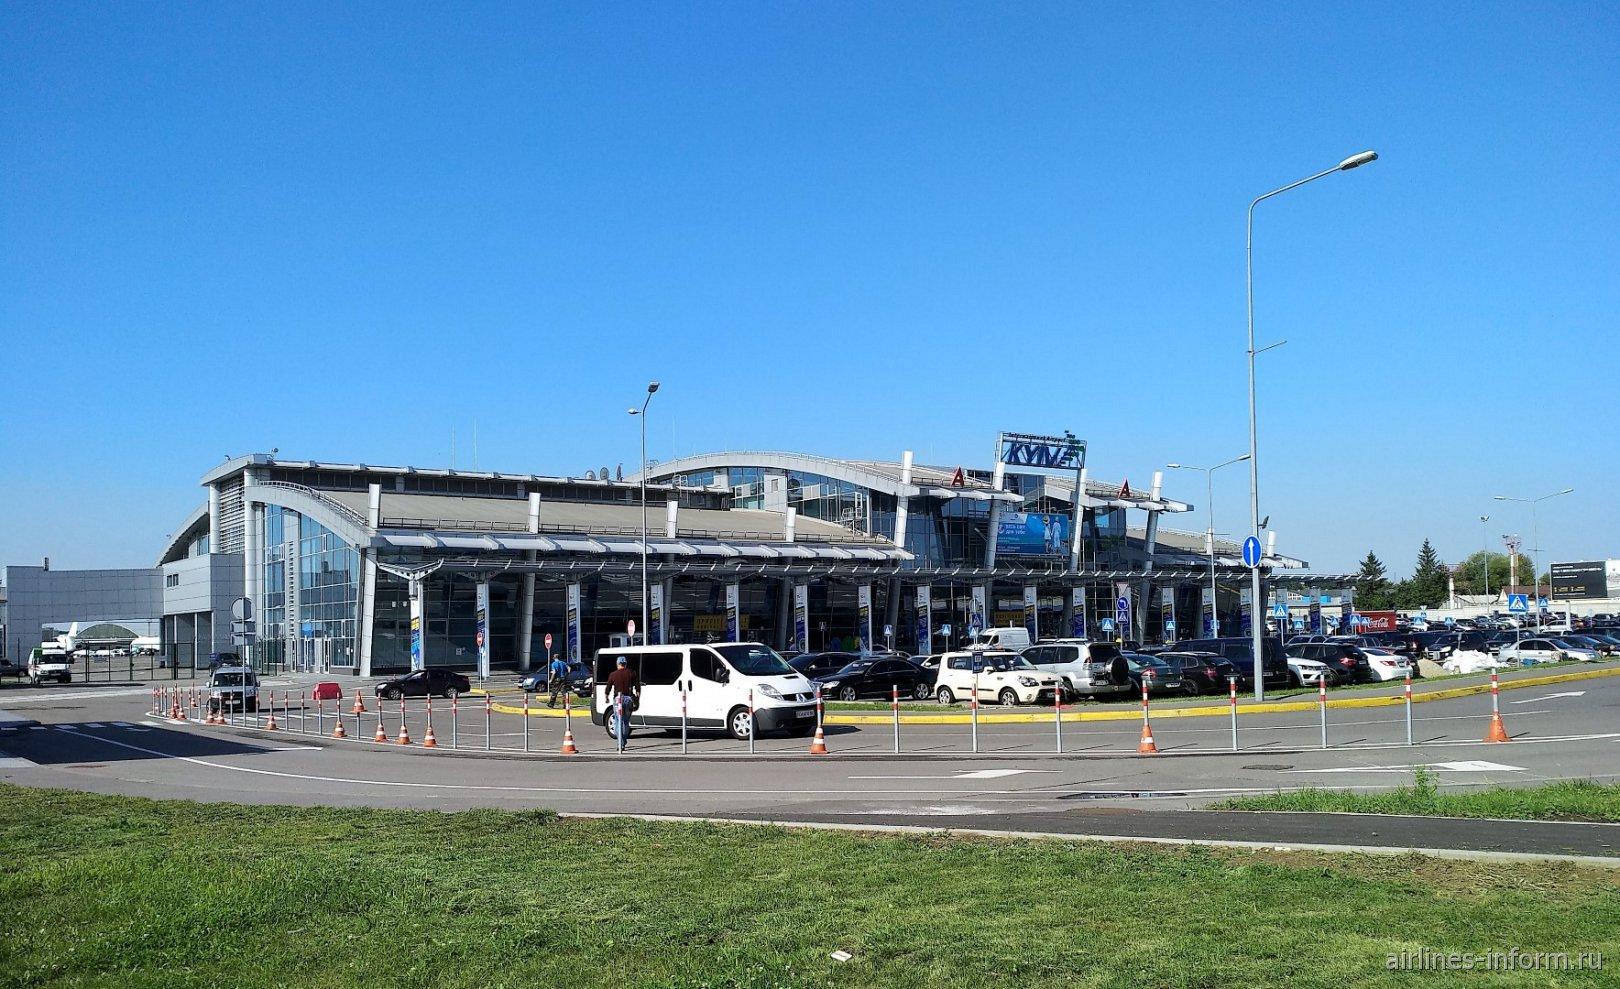 Терминал А аэропорта Киев Жуляны